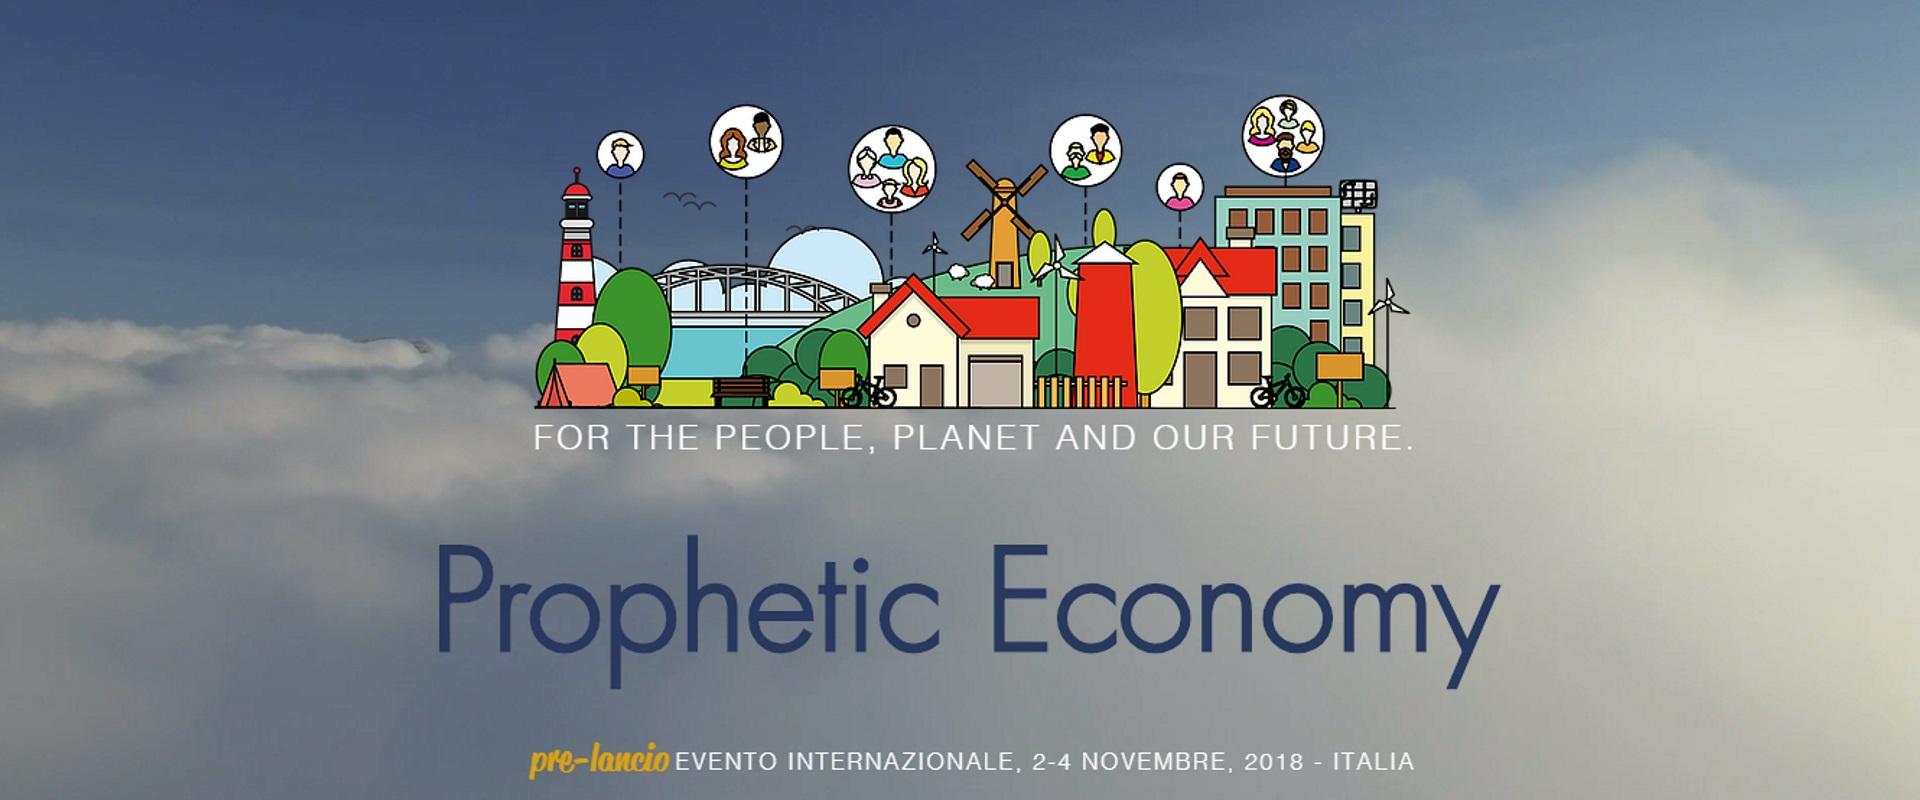 prophetic-economy-2018